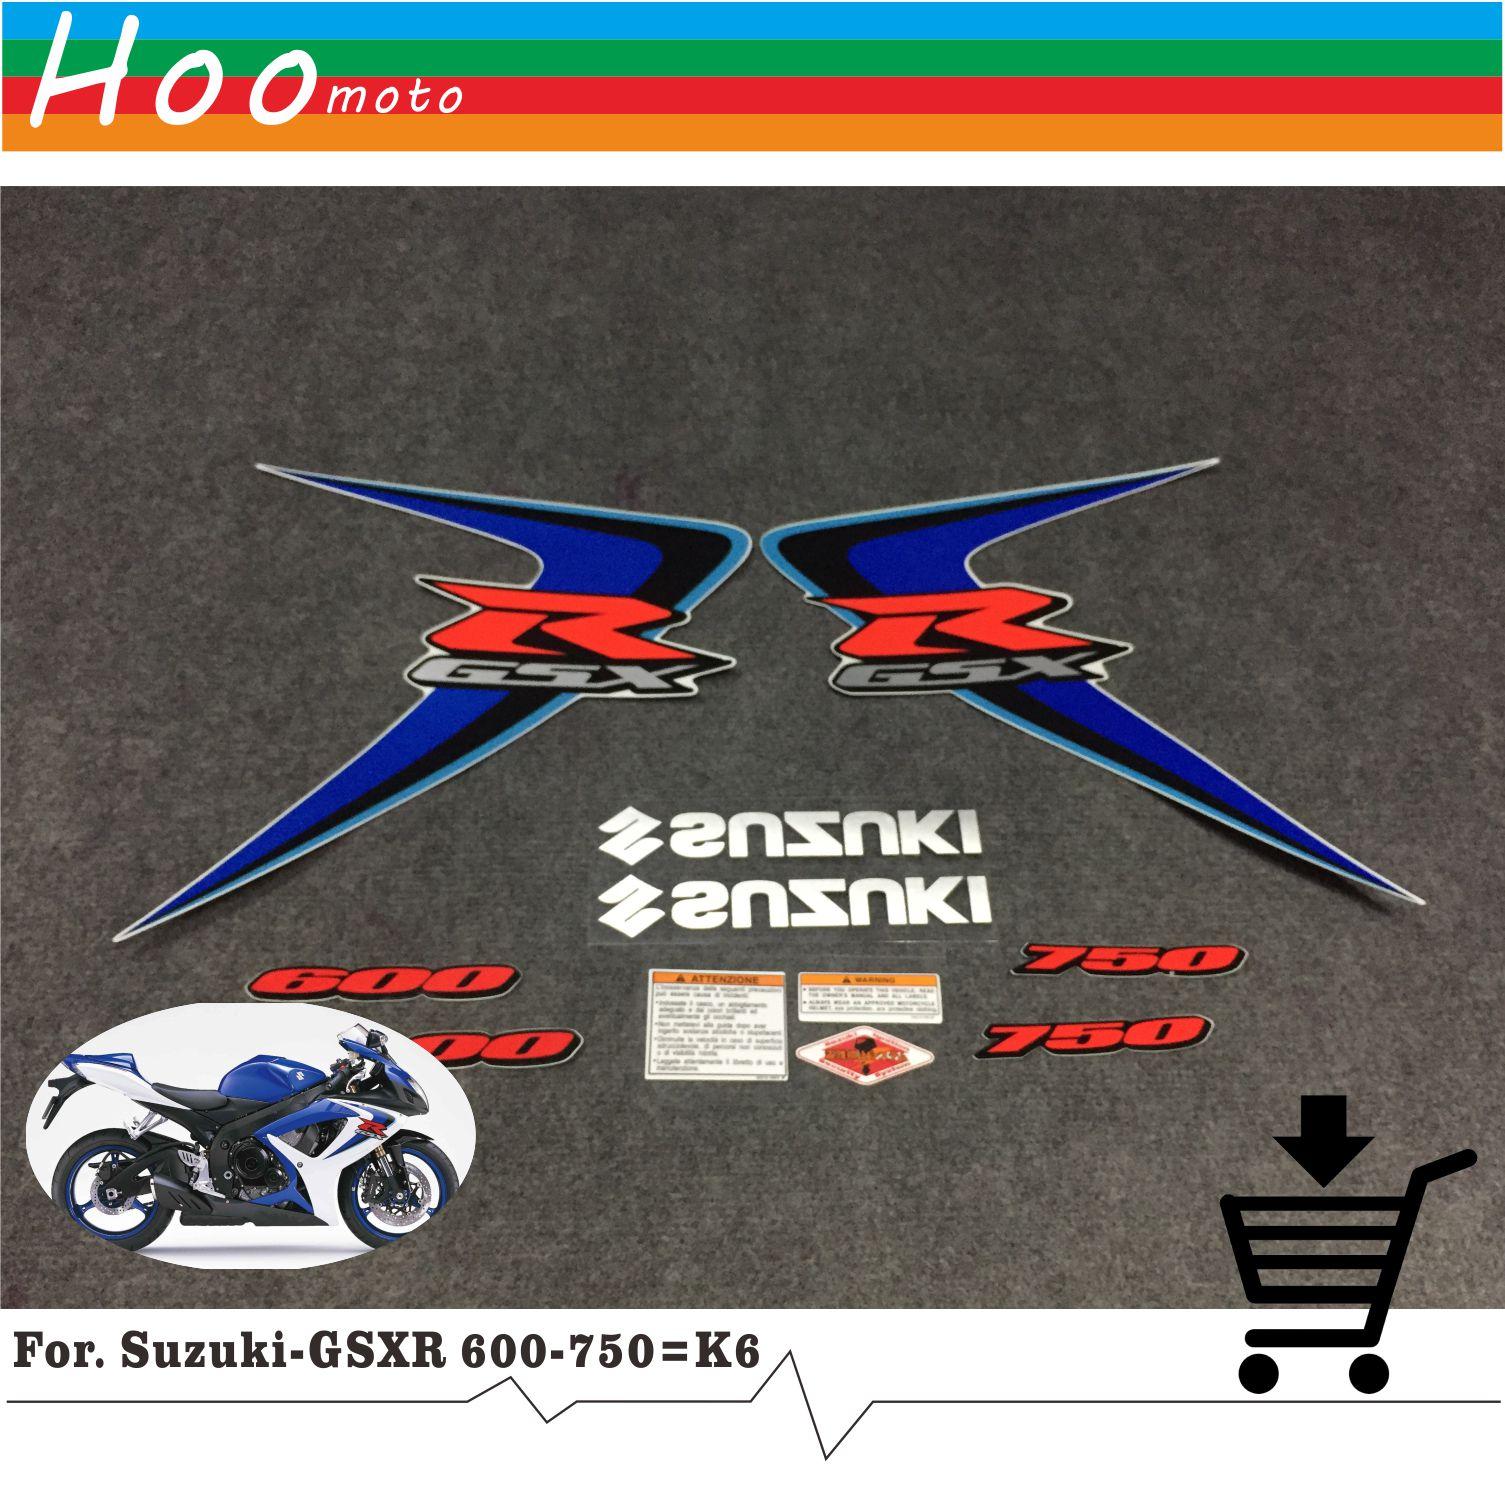 Новый для Suzuki GSXR GSX-R GSX R 600 K6 2006 мото Высокое качество наклейки Стикеры мотоциклетные автомобиль-Стайлинг Стикеры s более K6 K8 K11 K7